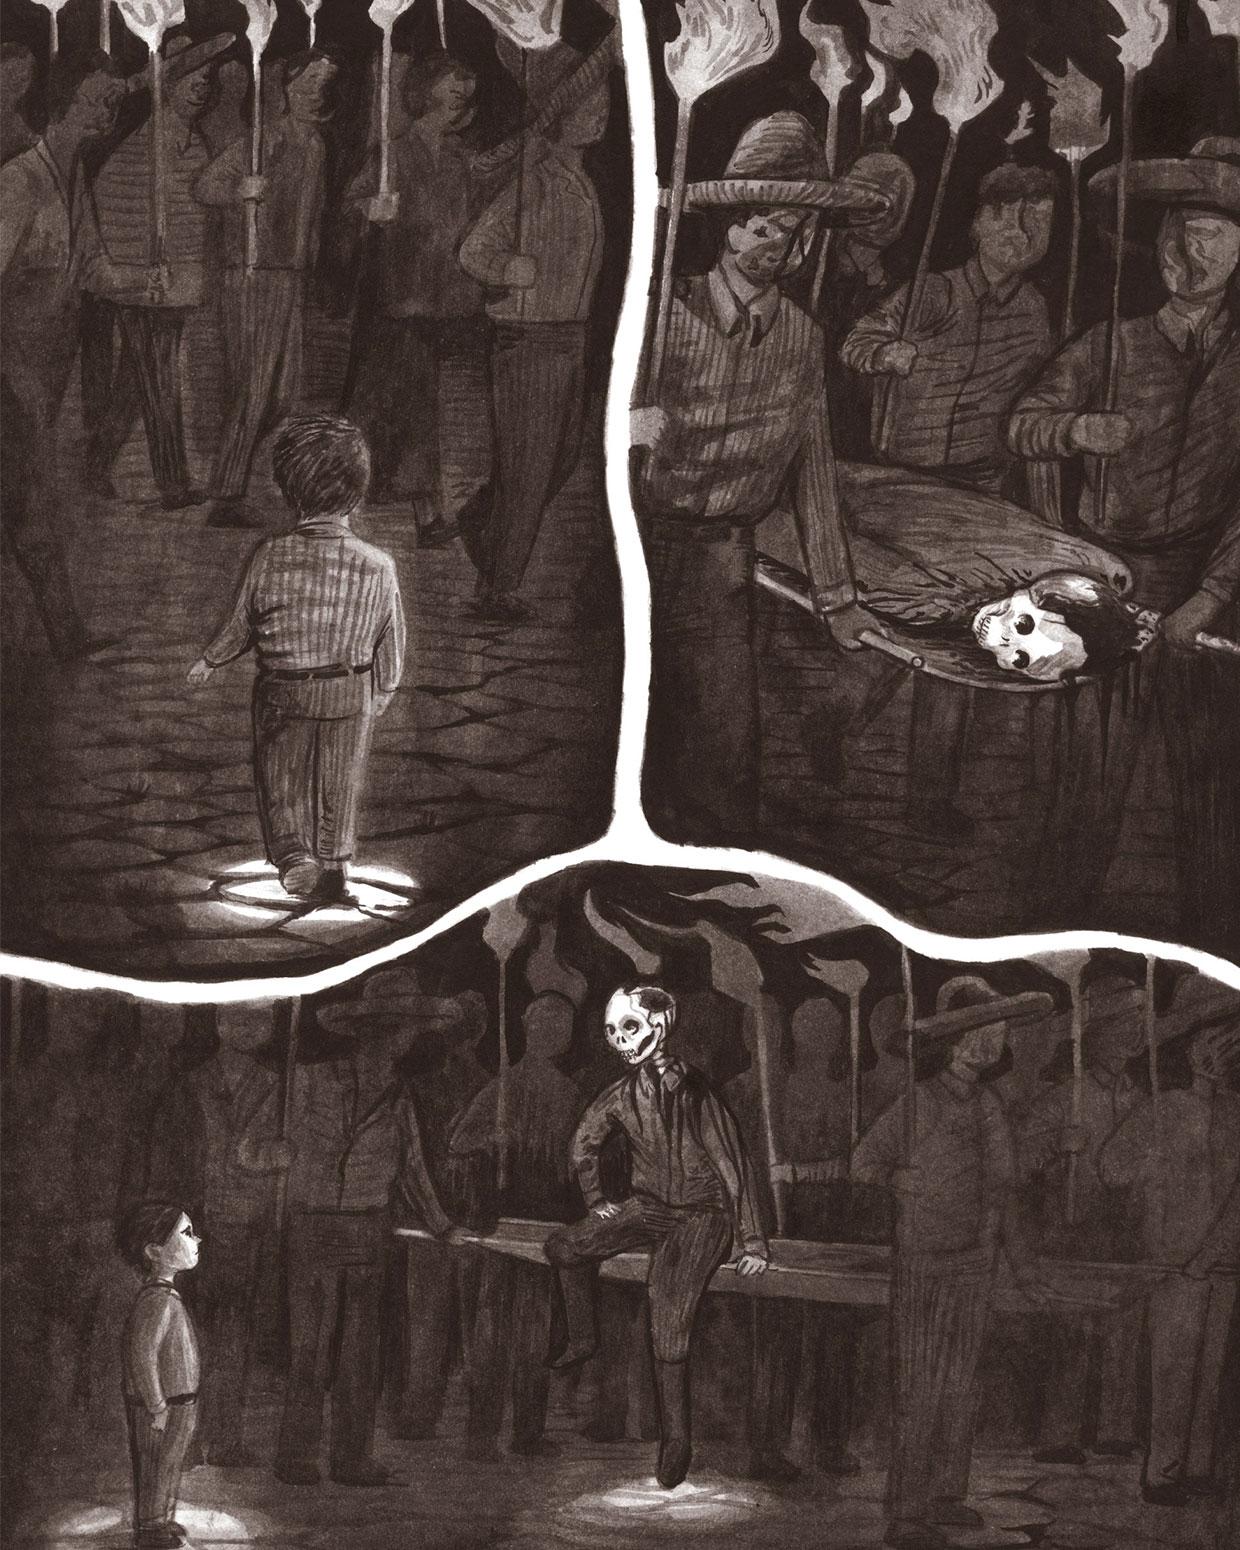 Juan Rulfo de niño en Una vida gráfiica, de Óscar Pantoja, editado por Rey Naranjo.